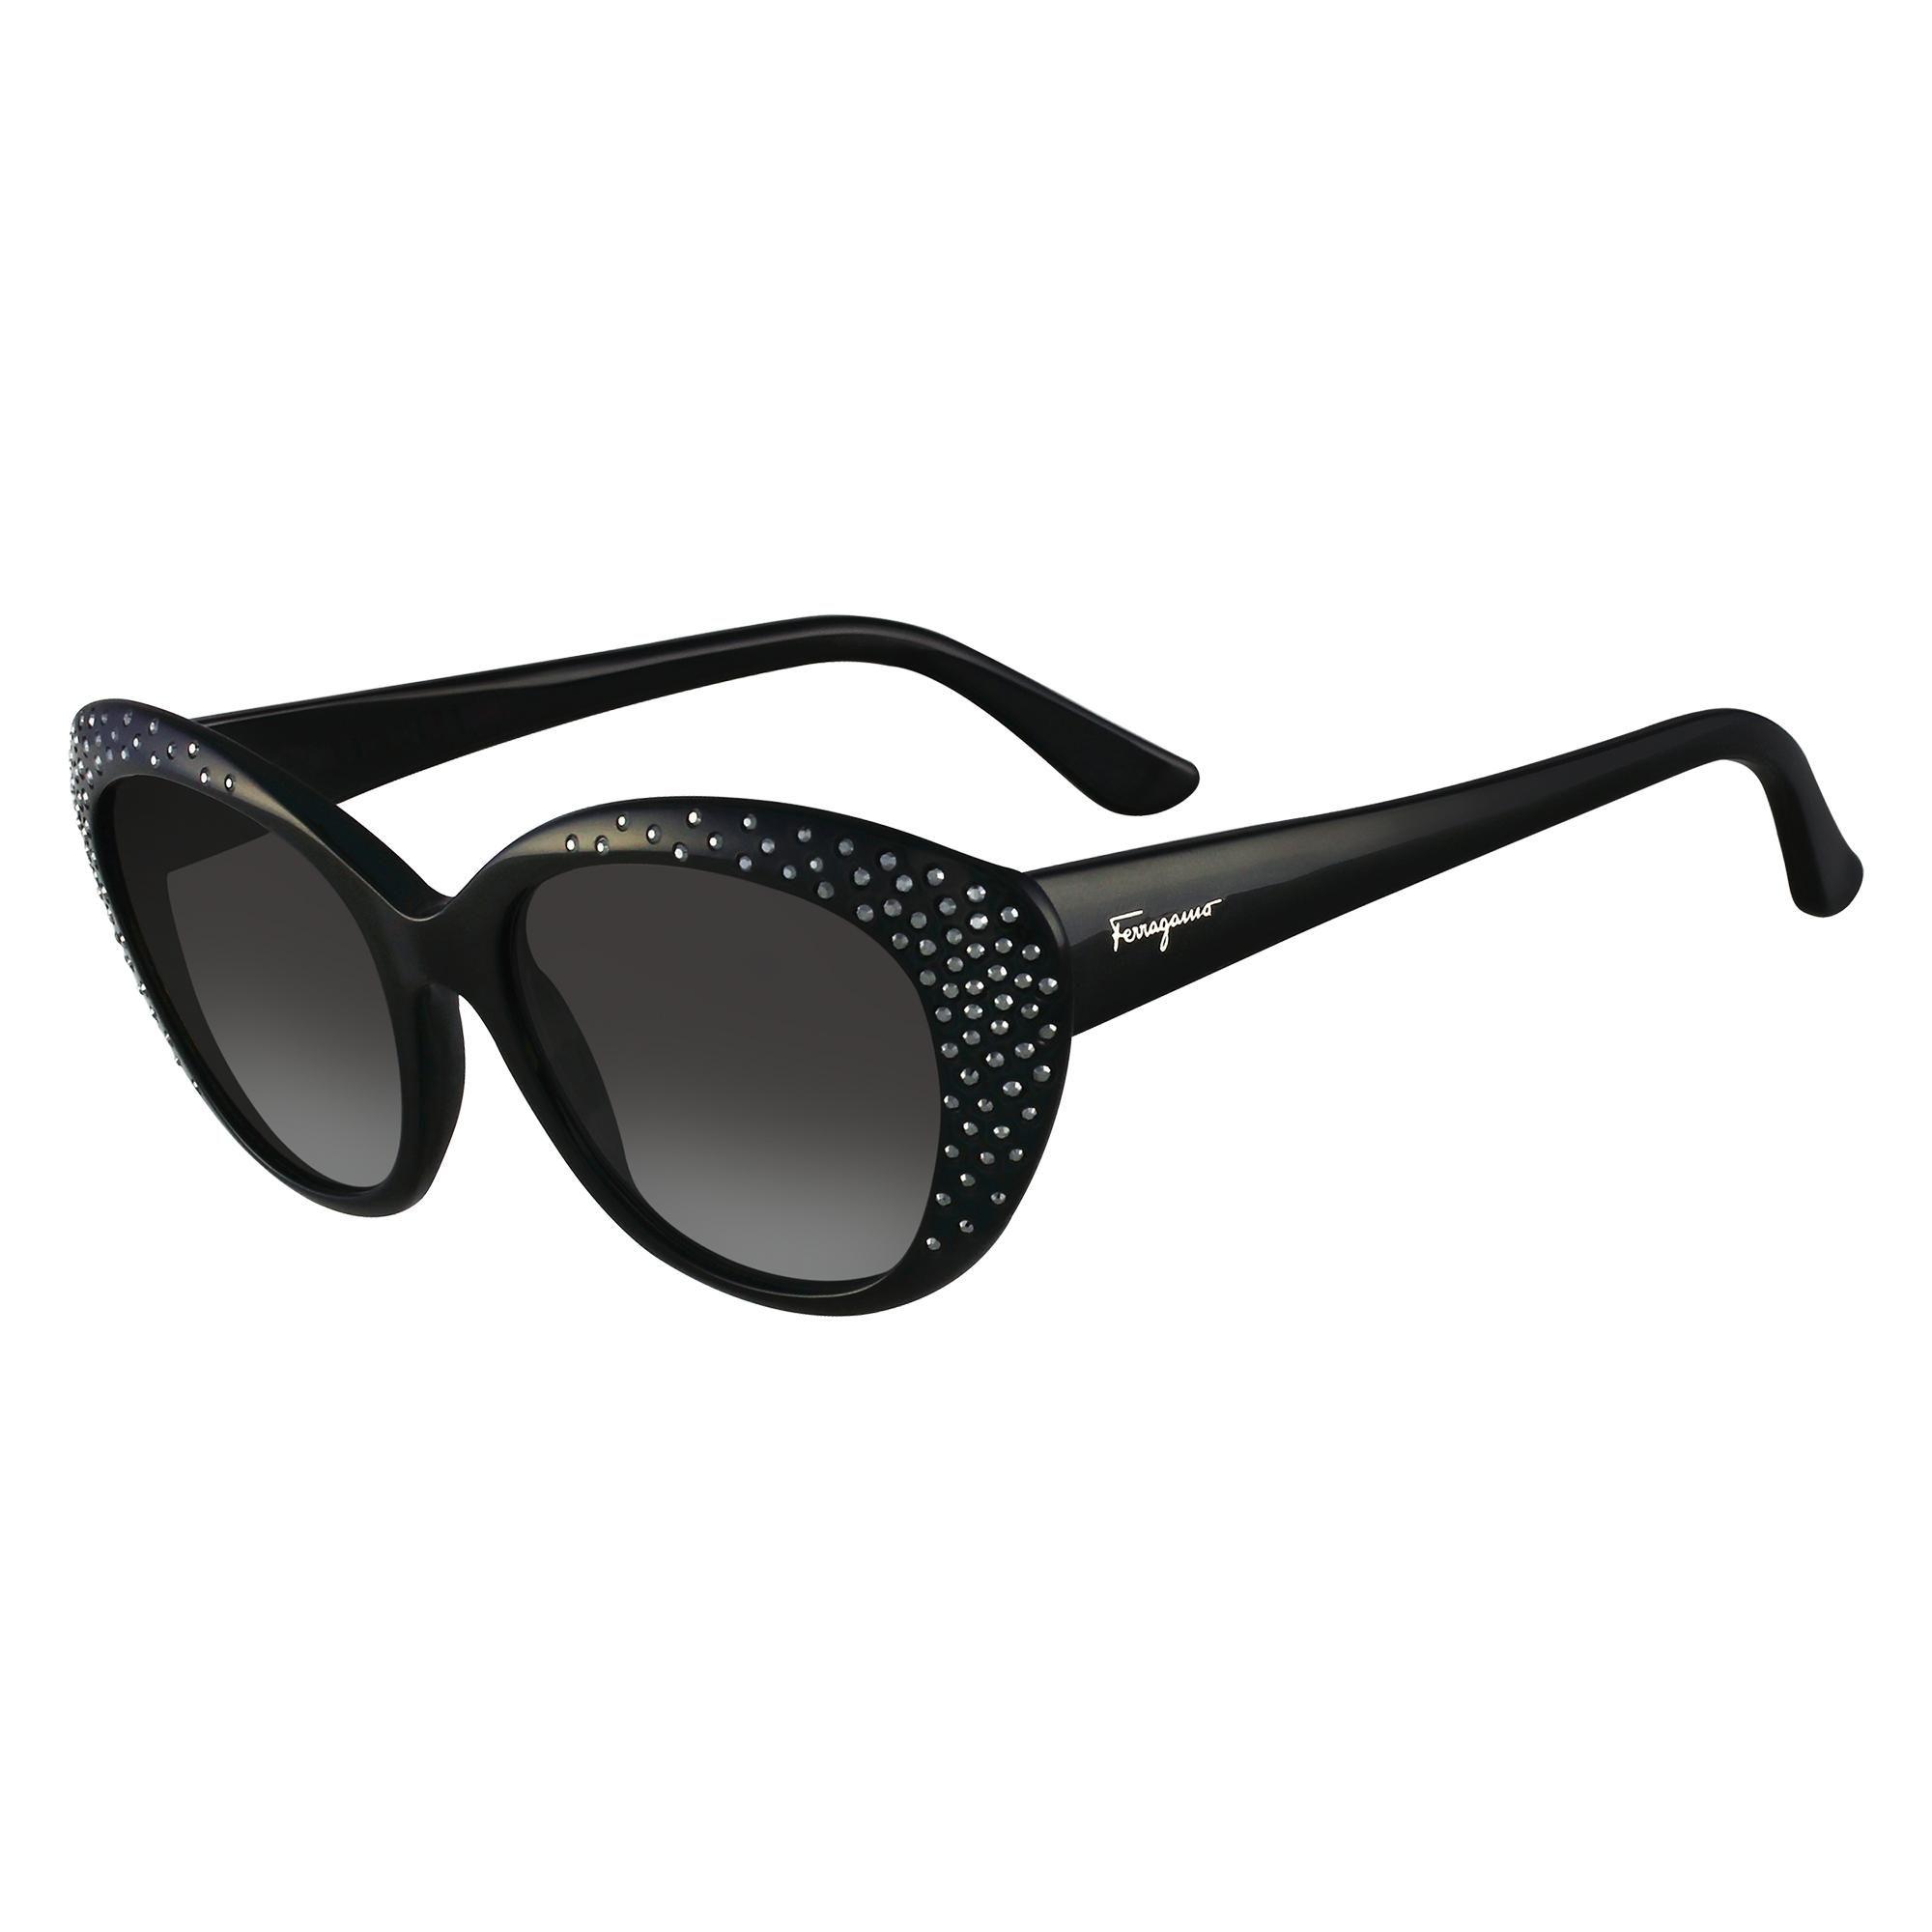 Salvatore Ferragamo Sunglasses - SF656SR/001/54-19 | gotta love ...